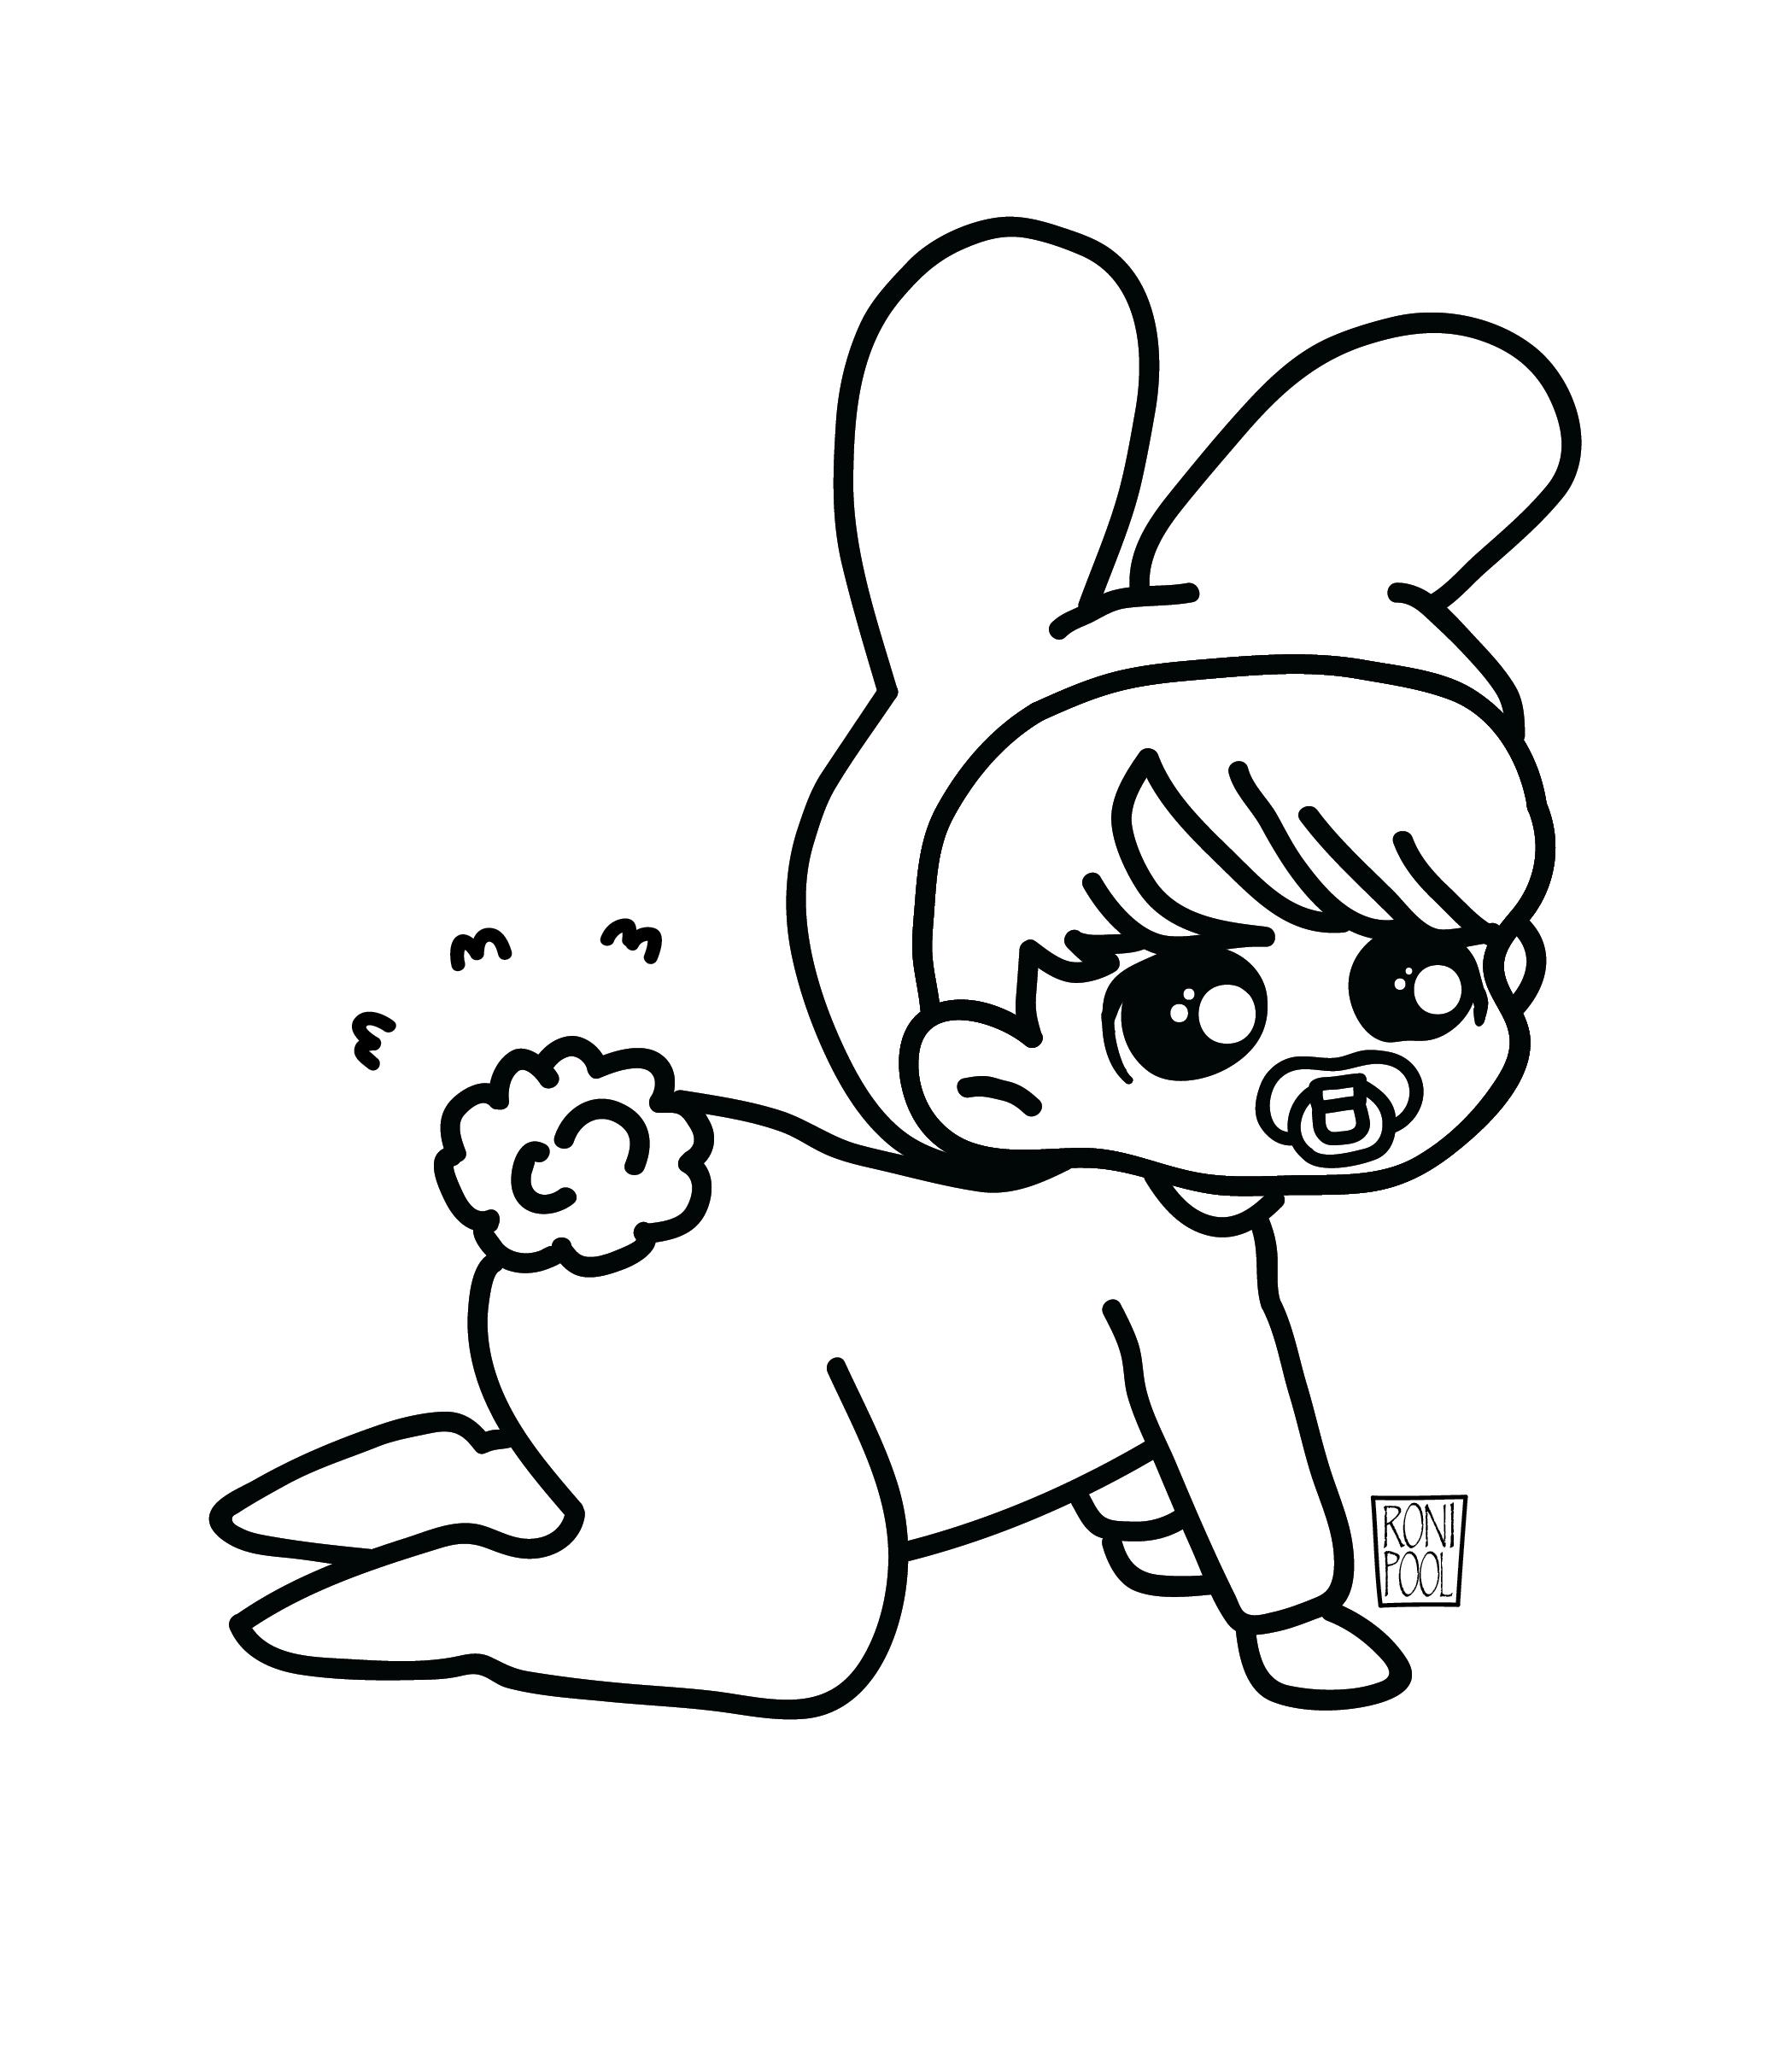 Bts Fanart Jungkook Chibi Speed Drawing Roni Pool Bts Fanart Coloring Books Chibi